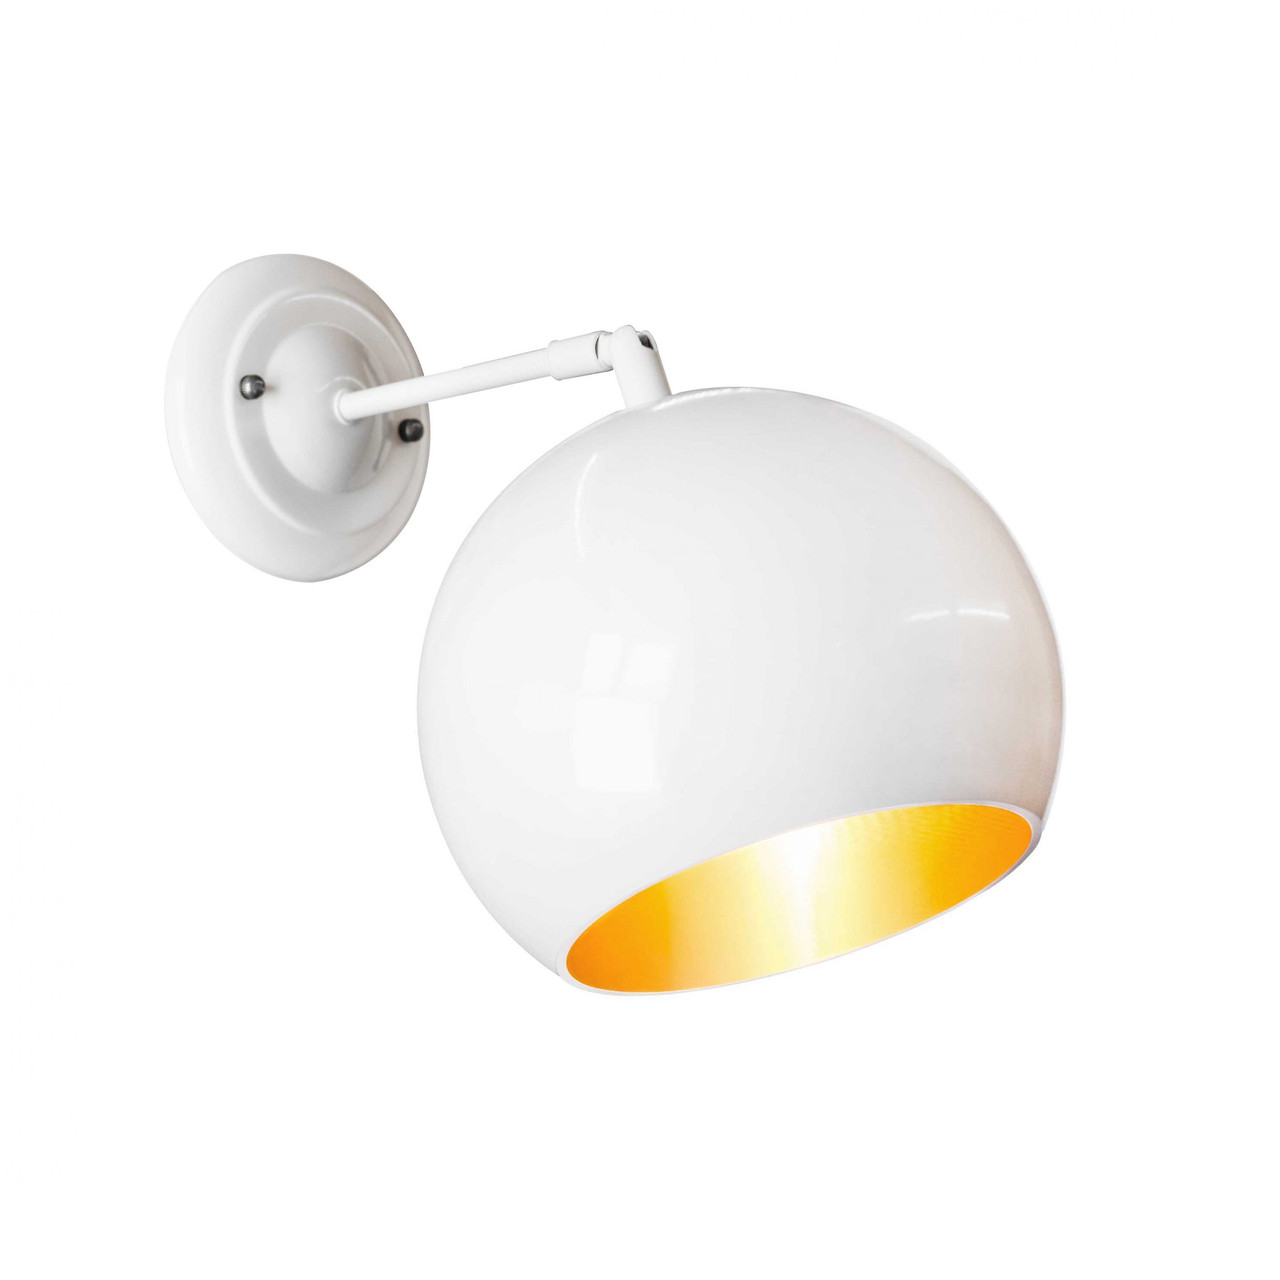 Бра в стилі лофт Msk Electric Куля NL 1815-1WH+GD ширина 180mm світильник настінний кулька